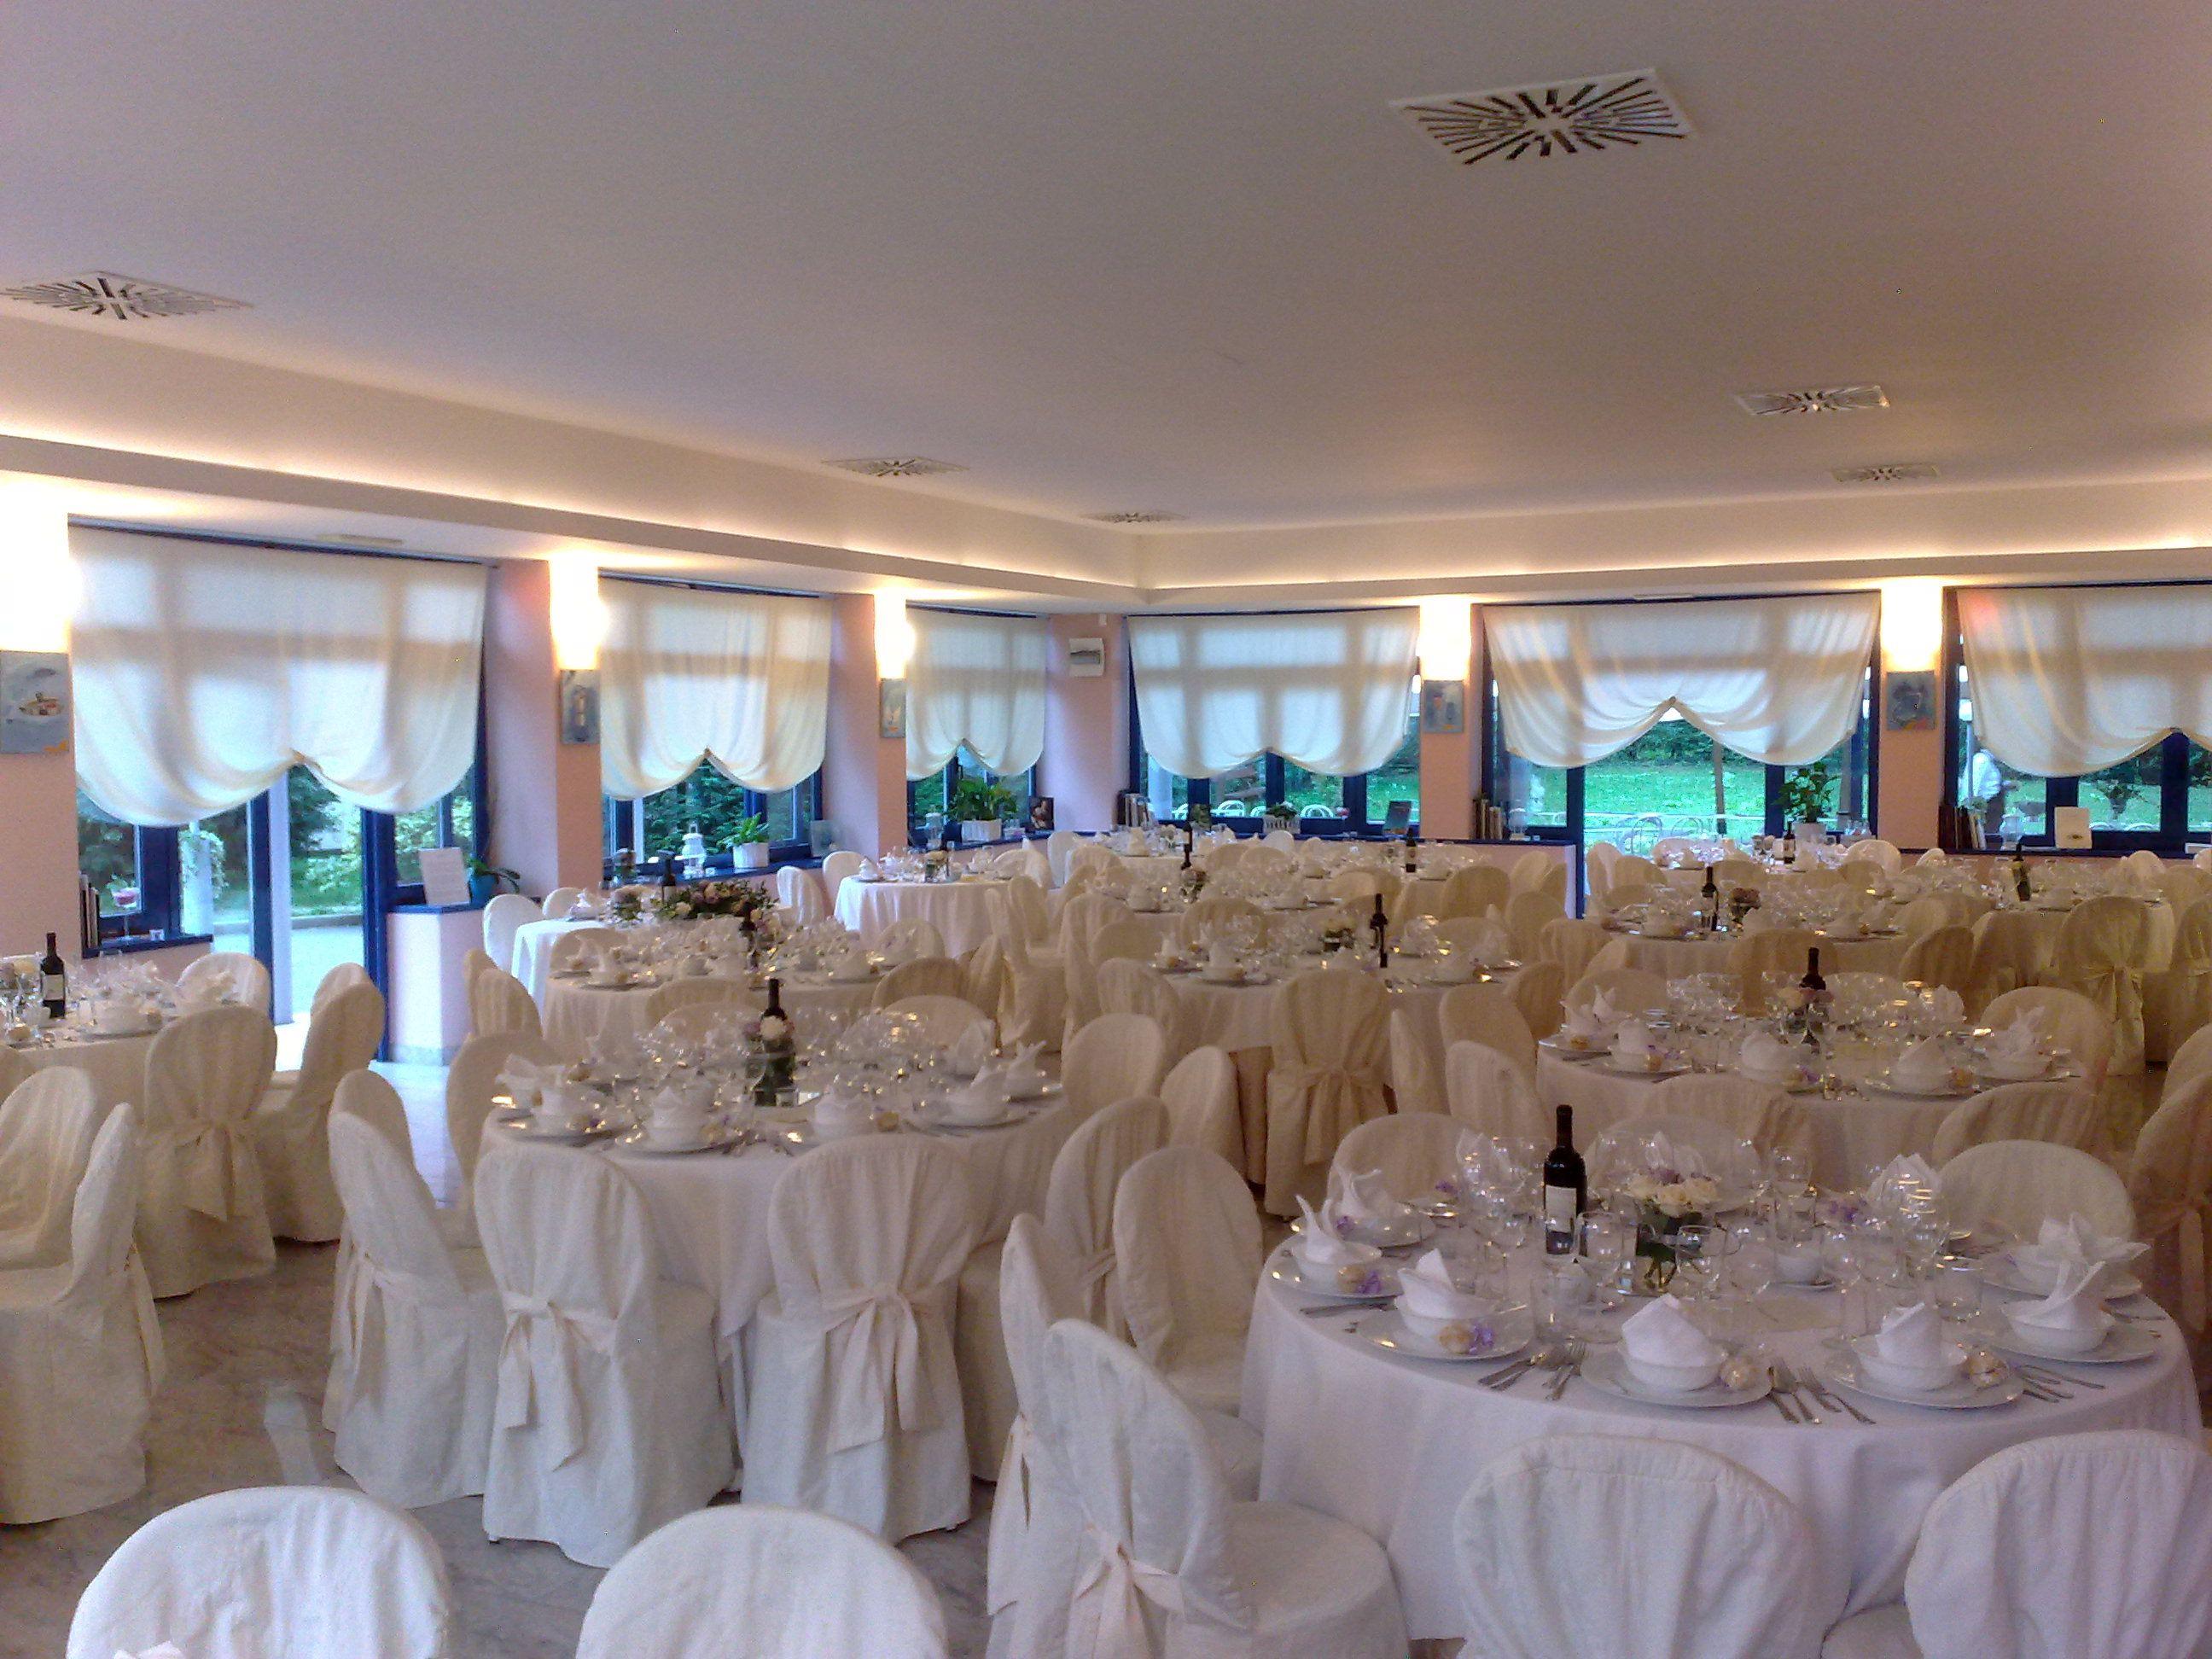 Matrimonio al Ristorante Giocondo - Ca' la Ghironda (Bologna)